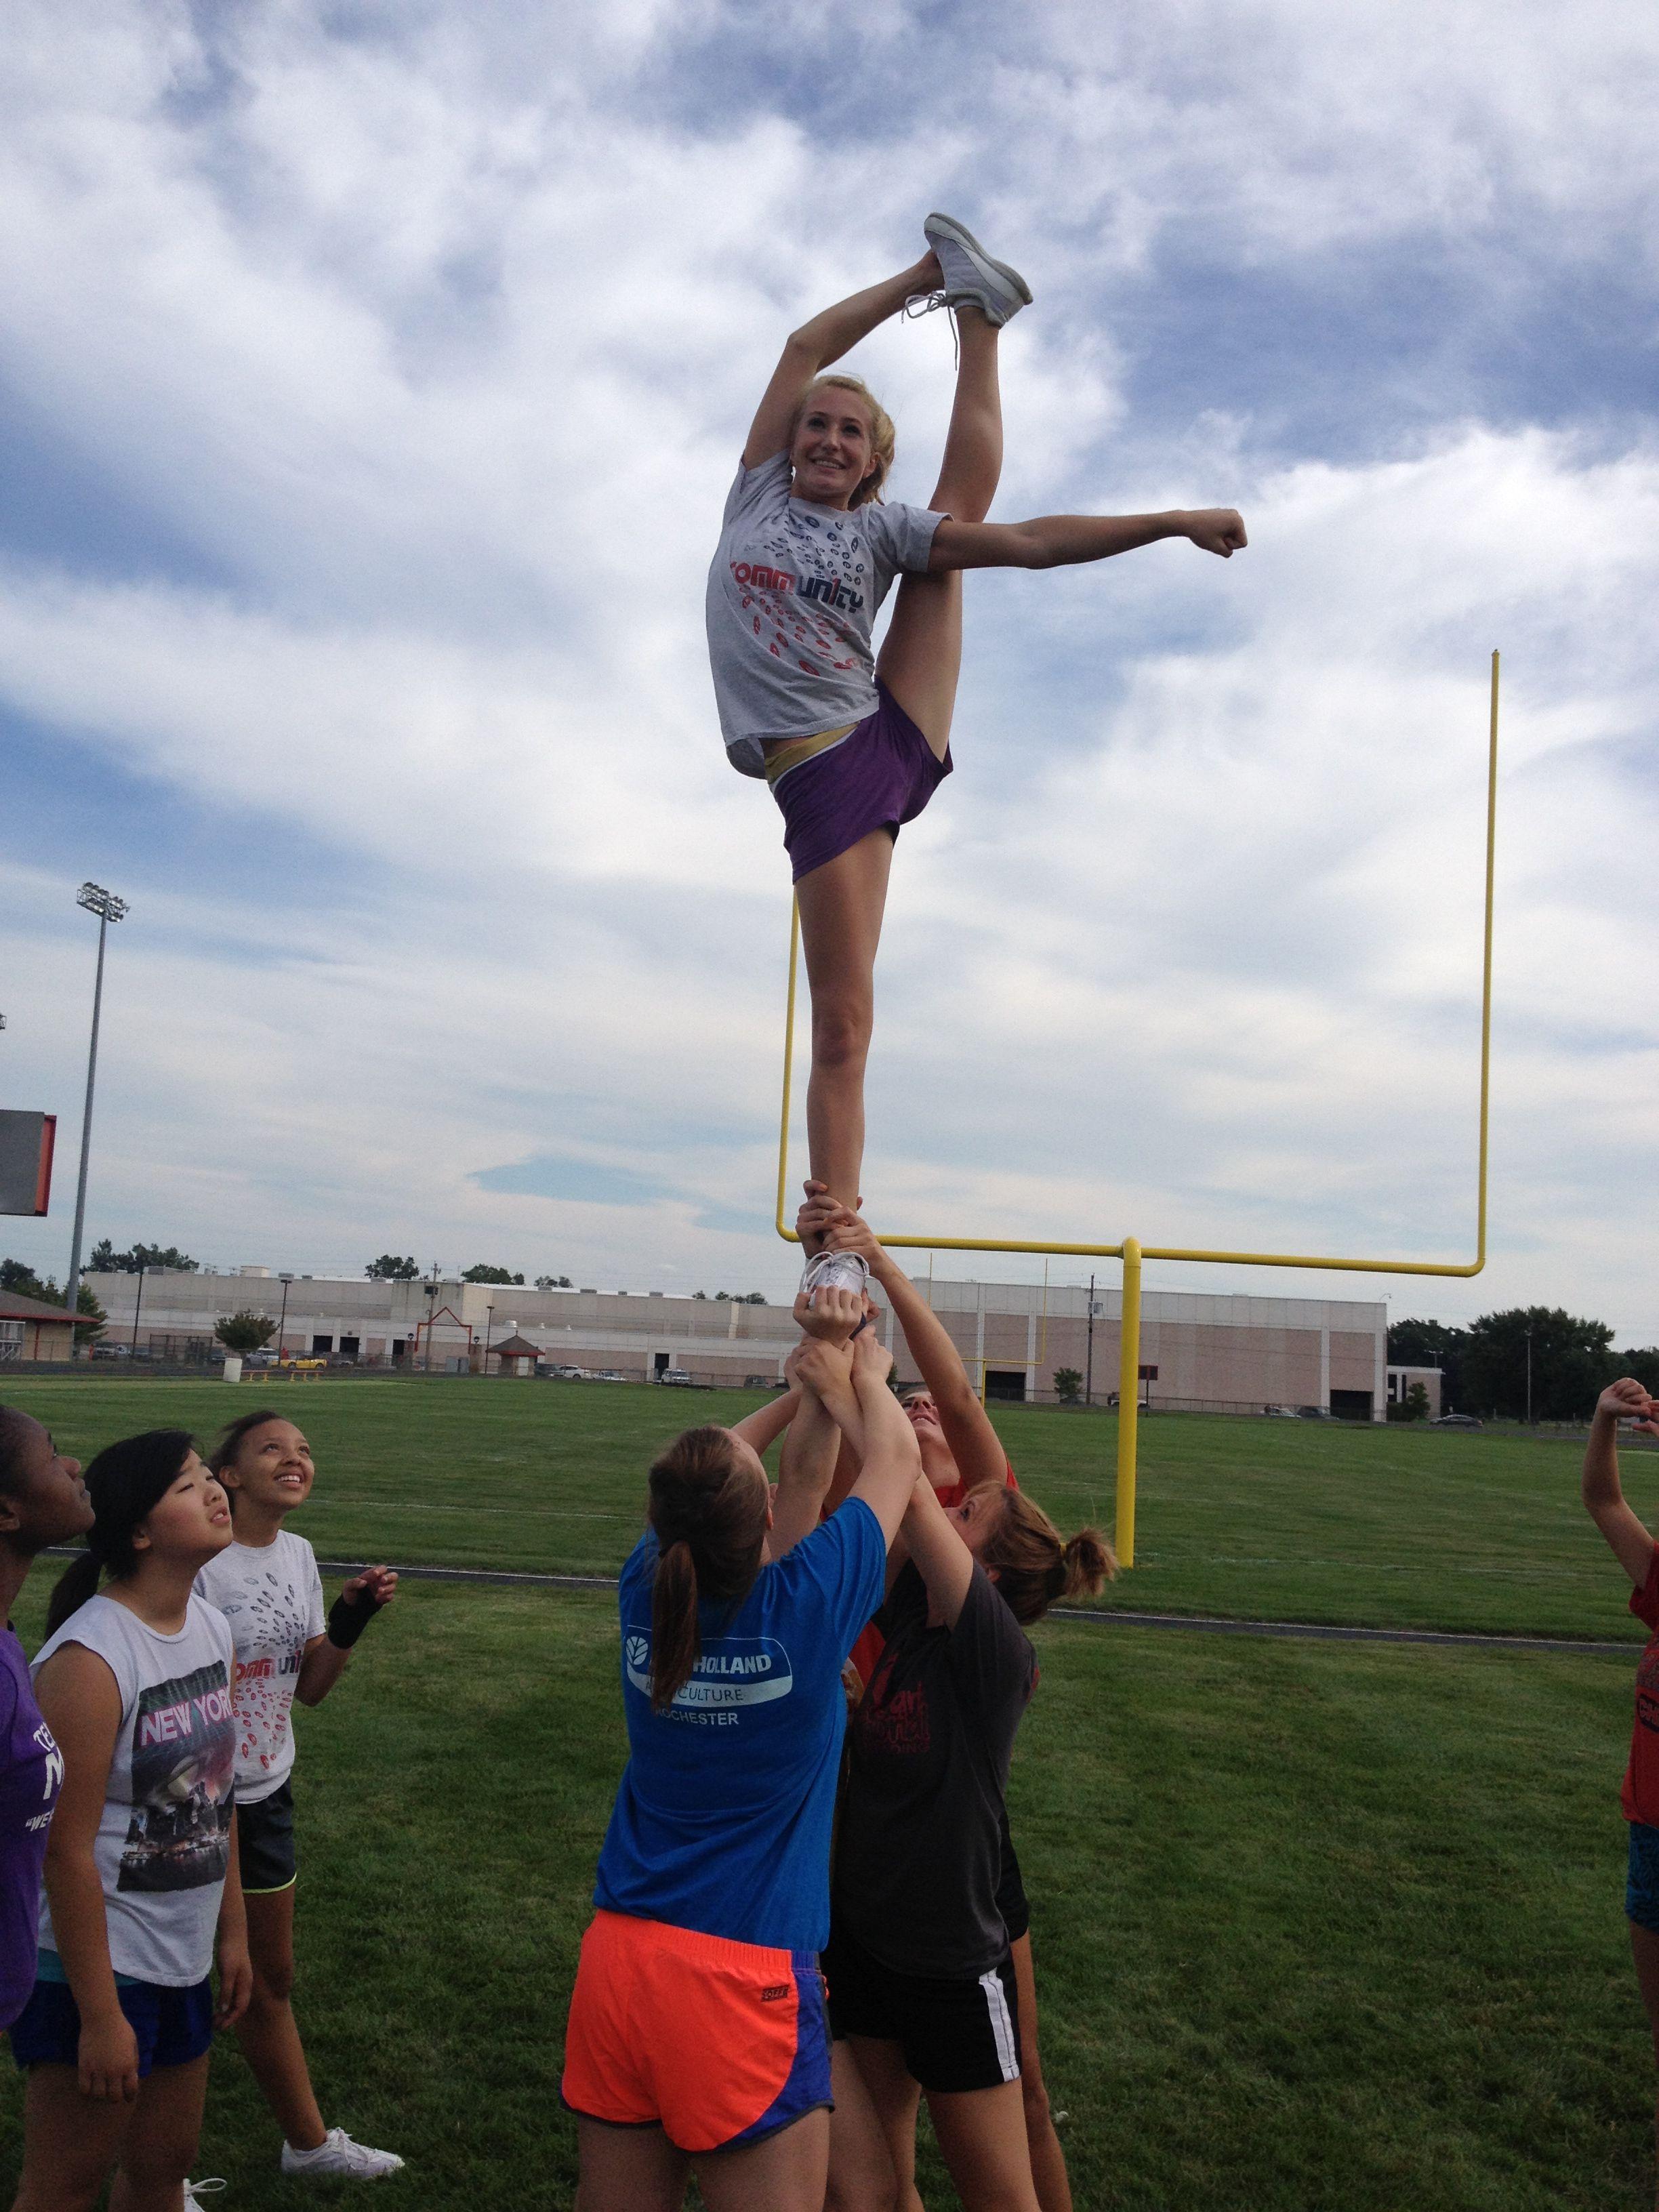 Cheer Stunt Bow Arrow Cheer And Gymnastics Cheer Stunts